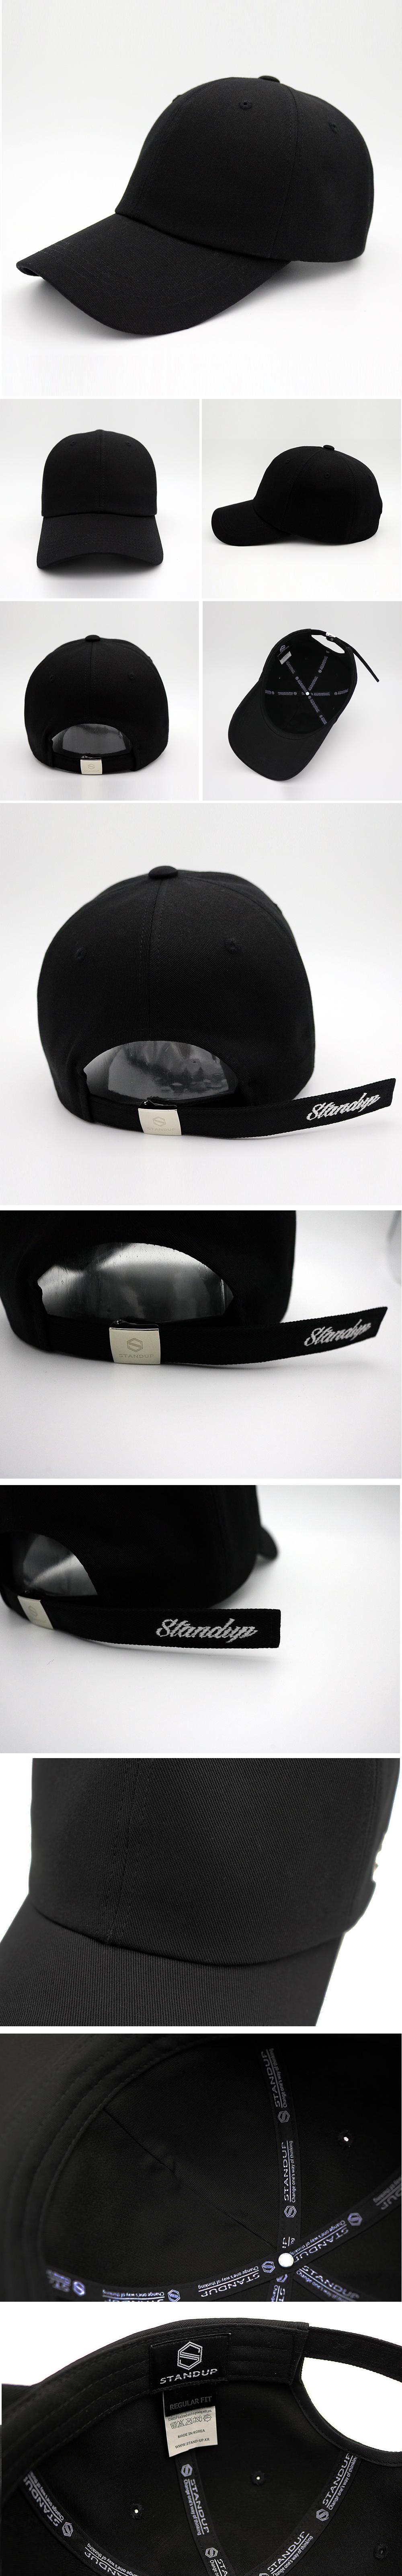 plain_black.jpg